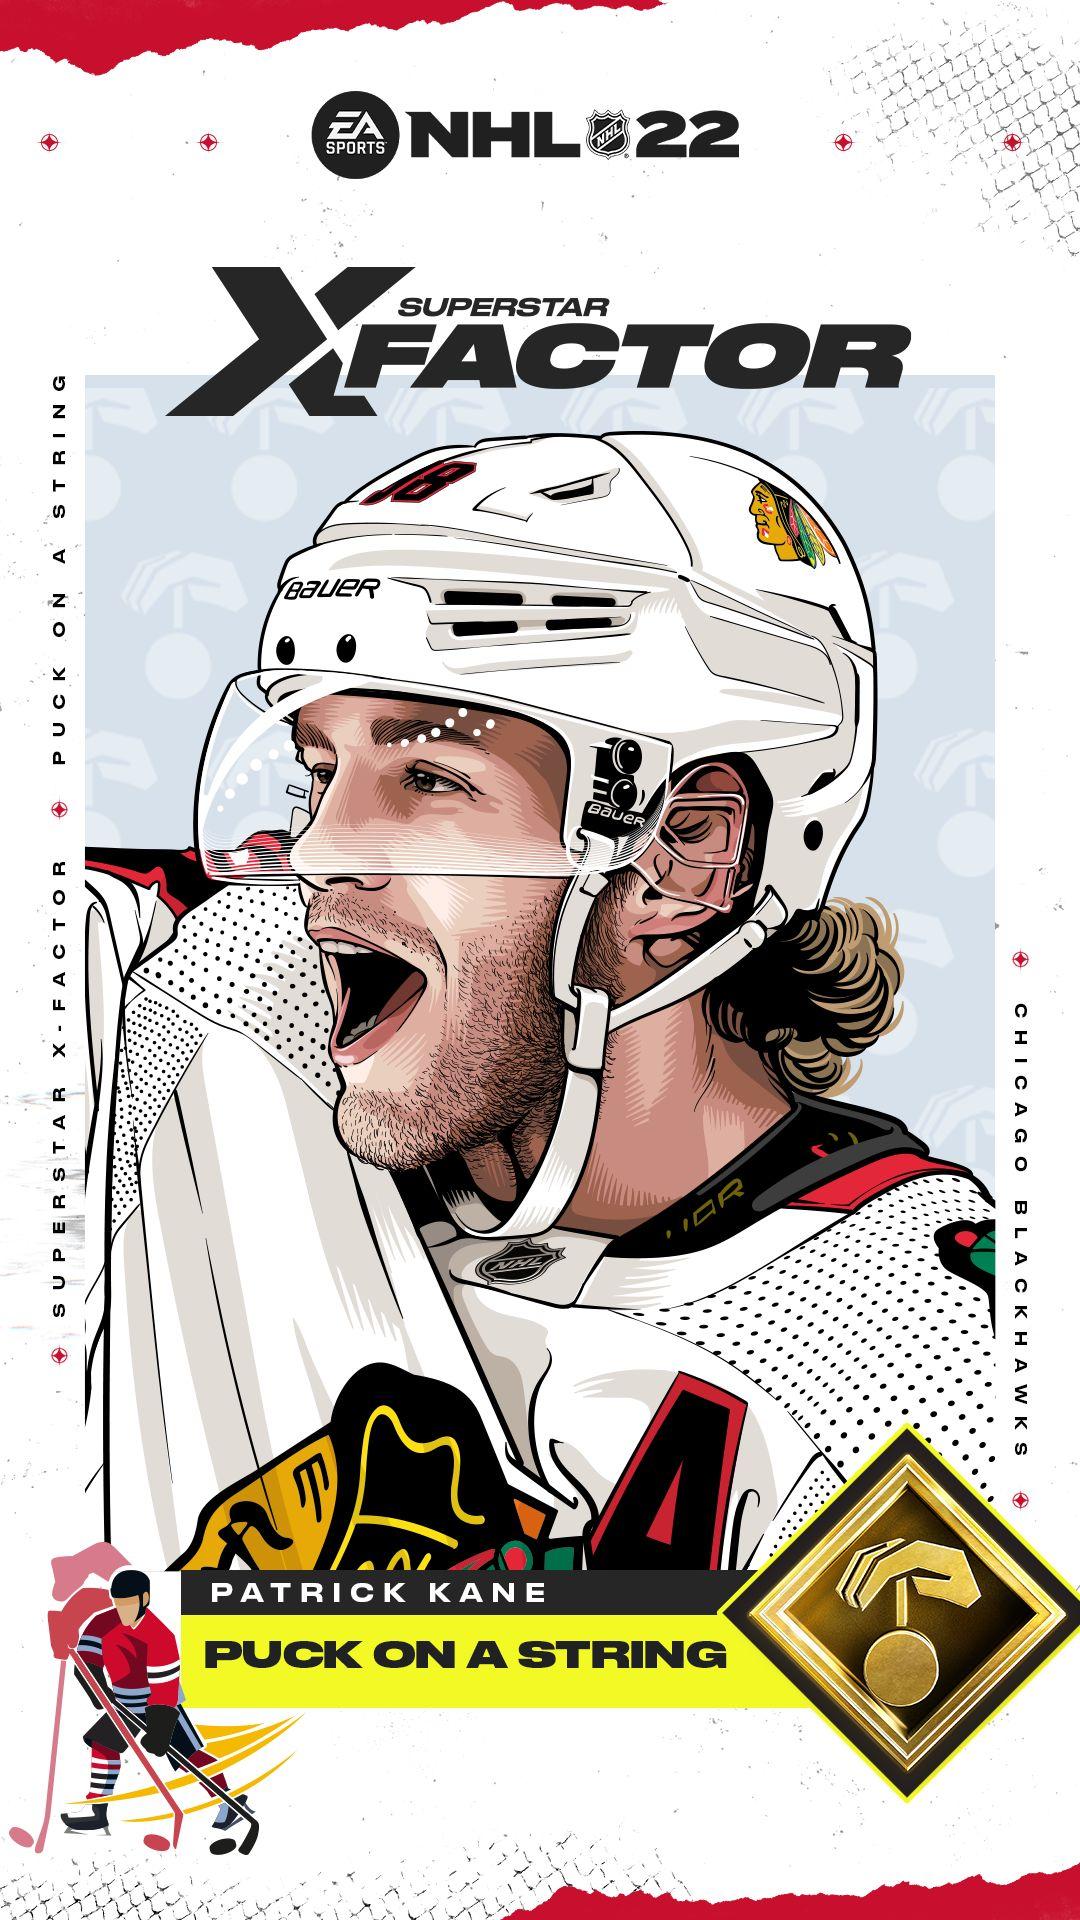 NHL22_XFactor_PatrickKane_9x16